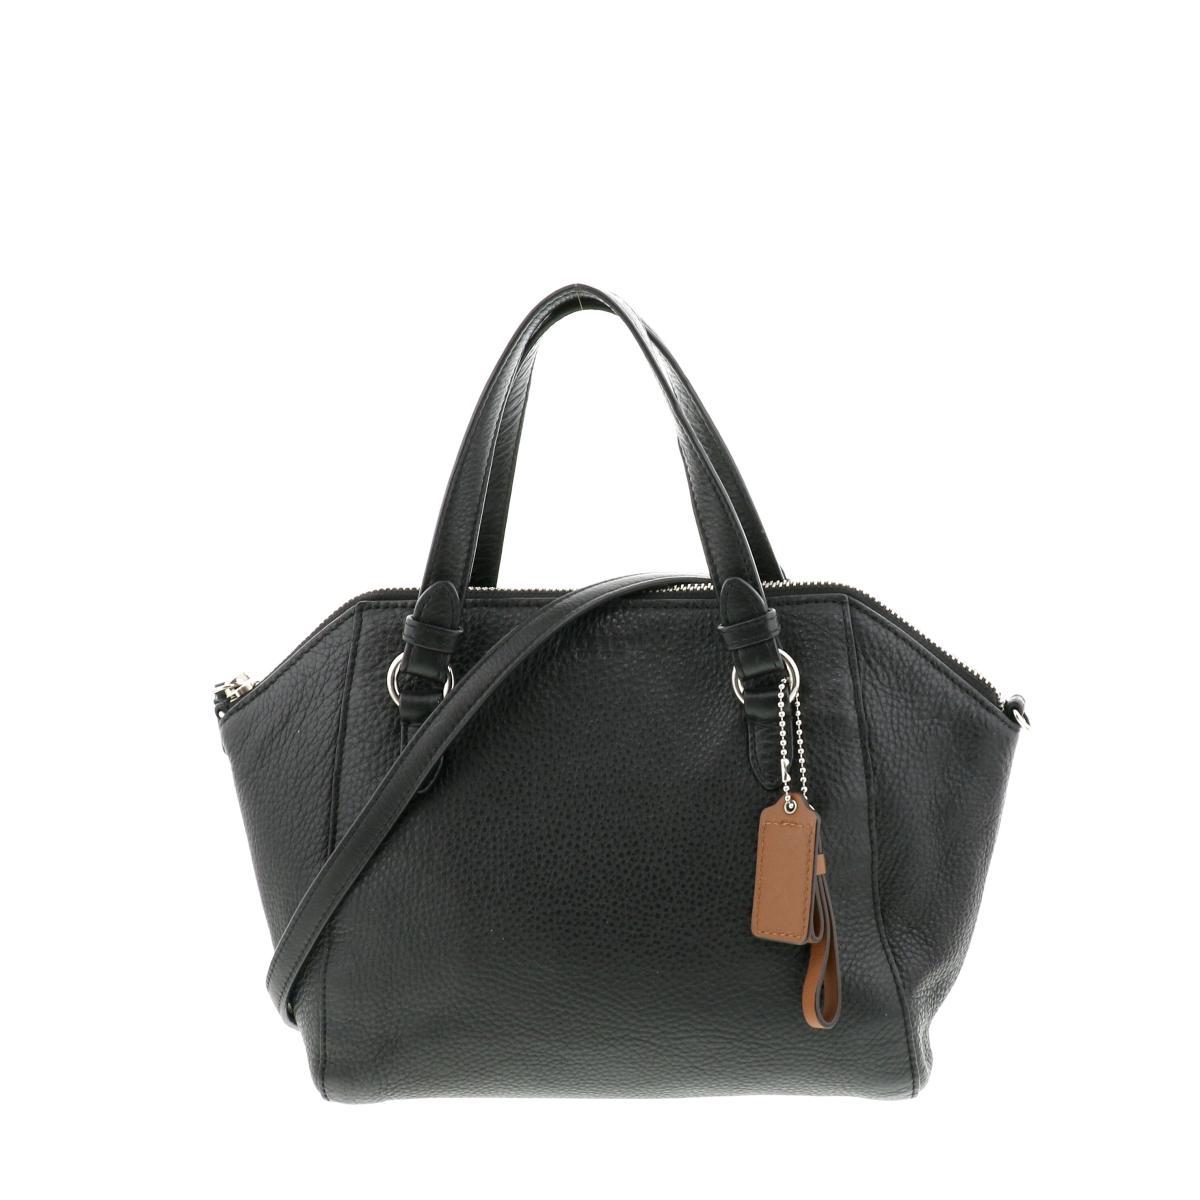 即日発送 ラッピング無料 COACH コーチ 驚きの値段で ハンドバッグ 保証 バッグ セカンドバッグ ボストンバッグ ブラック Black トートバッグ Handbag Two-Way 2WAY 中古